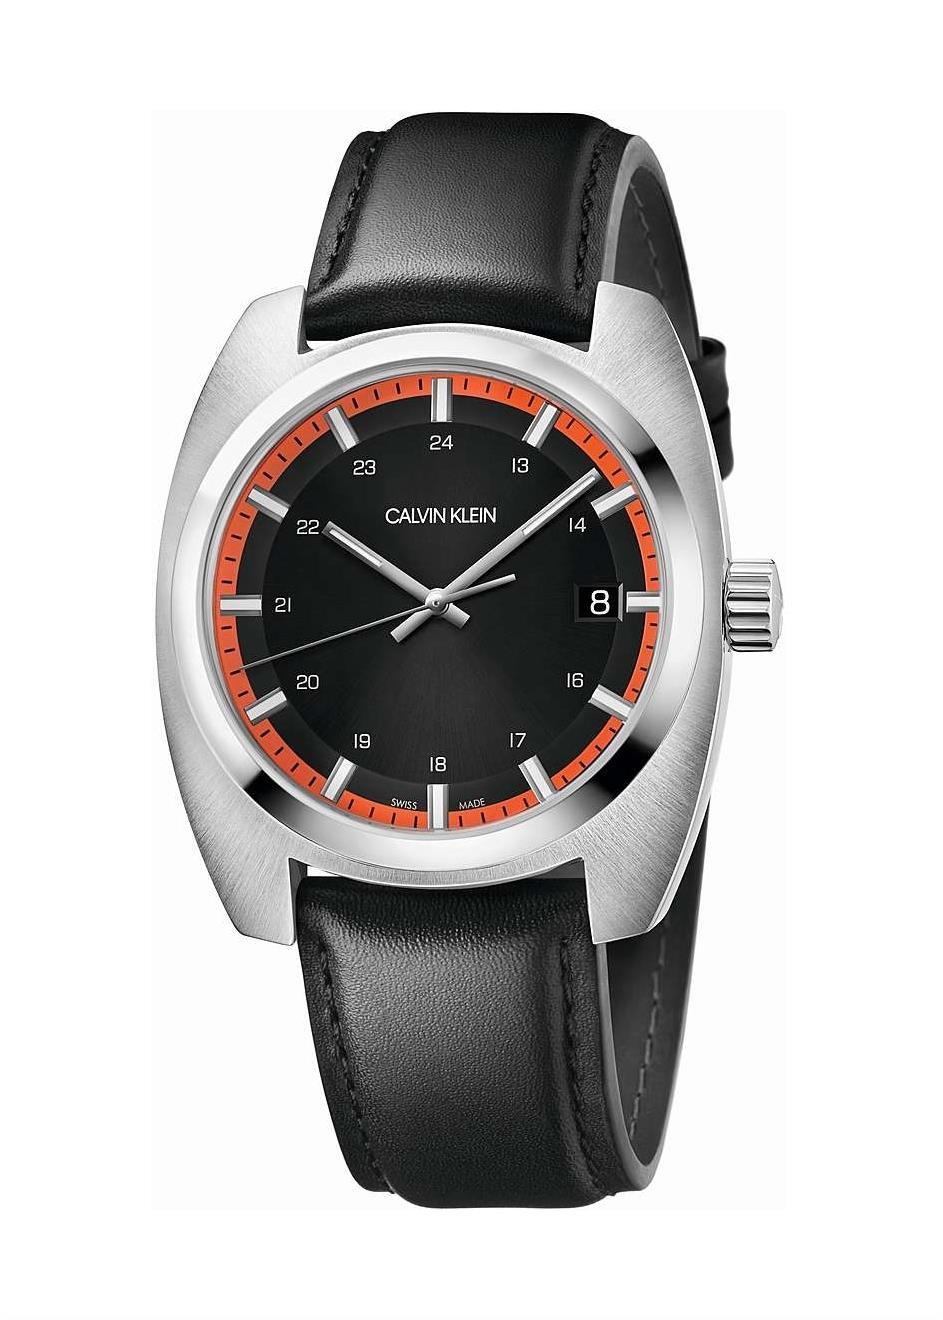 CK CALVIN KLEIN Ladies Wrist Watch Model ACHIEVE K8W311C1